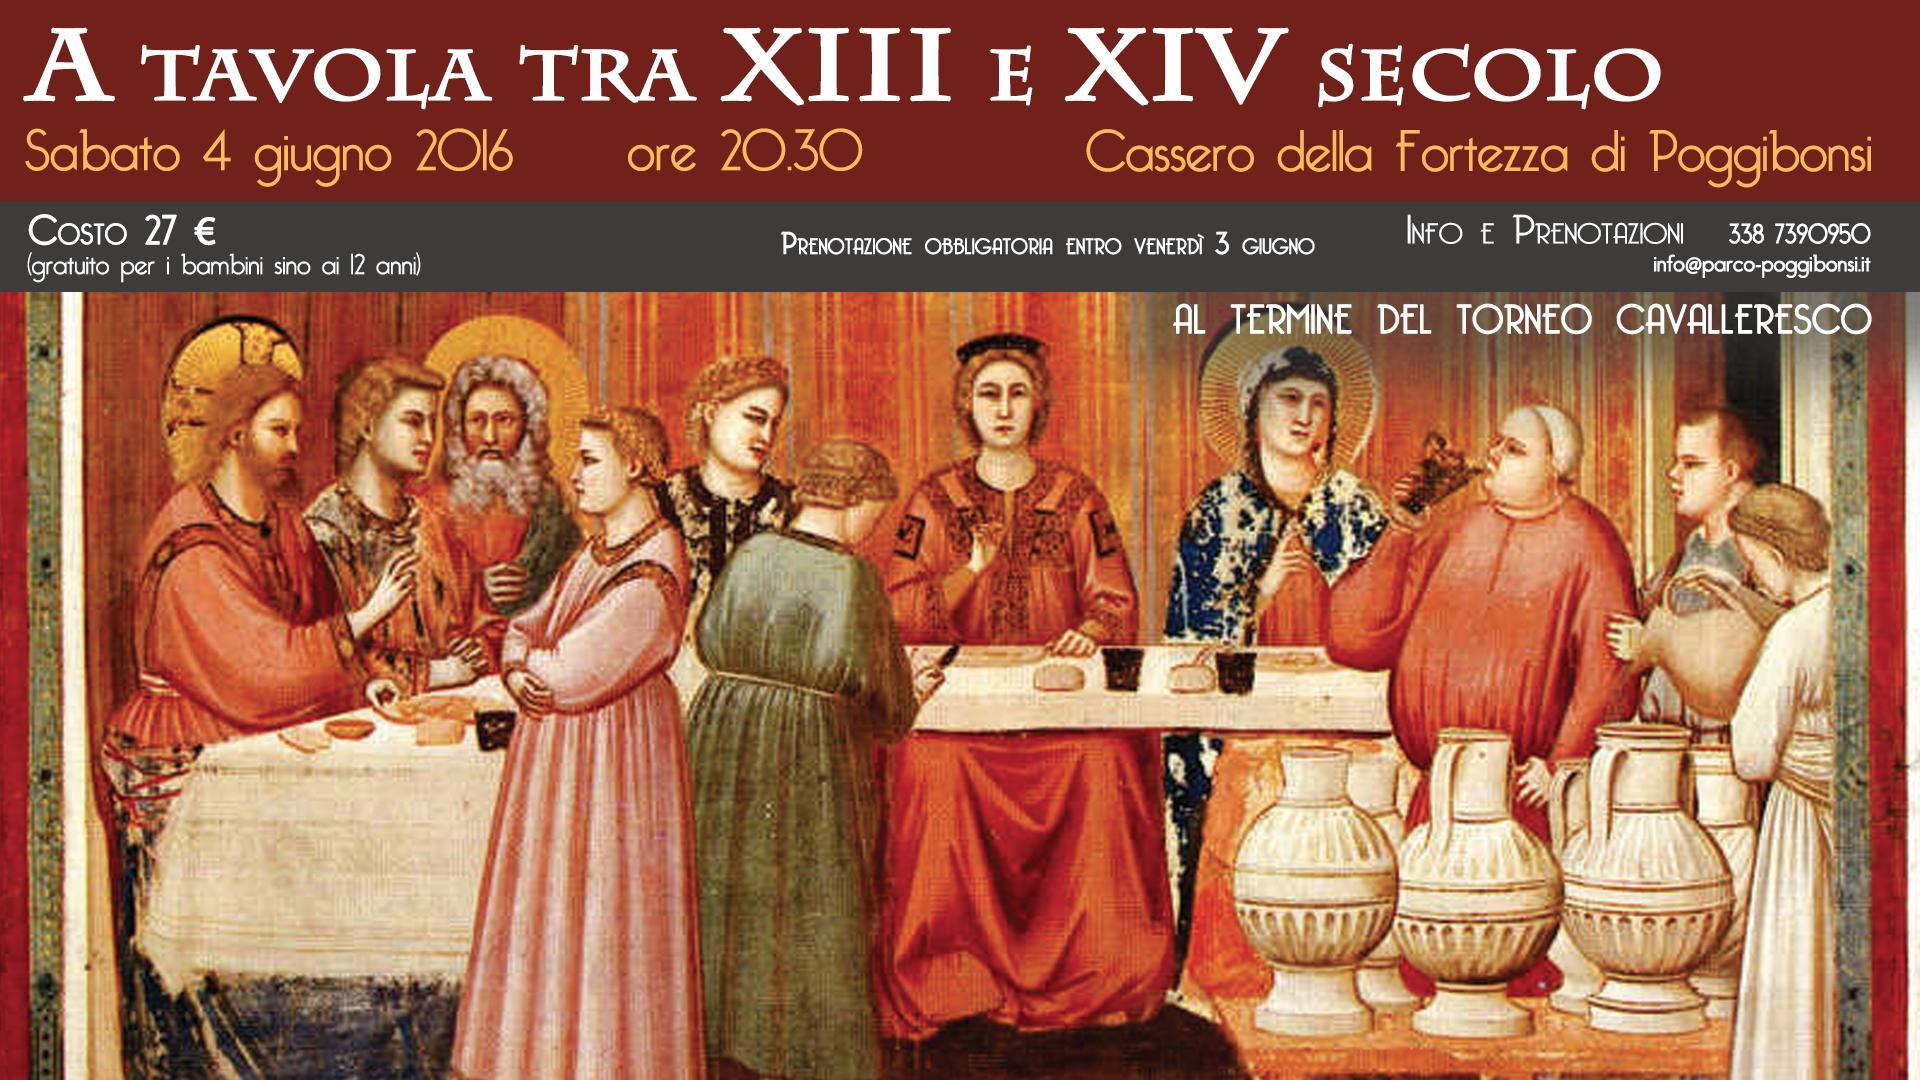 A tavola tra XIII e XIV secolo - Cassero della Fortezza Medicea di Poggibonsi, sabato 4 giugno 2016 ore 20.30